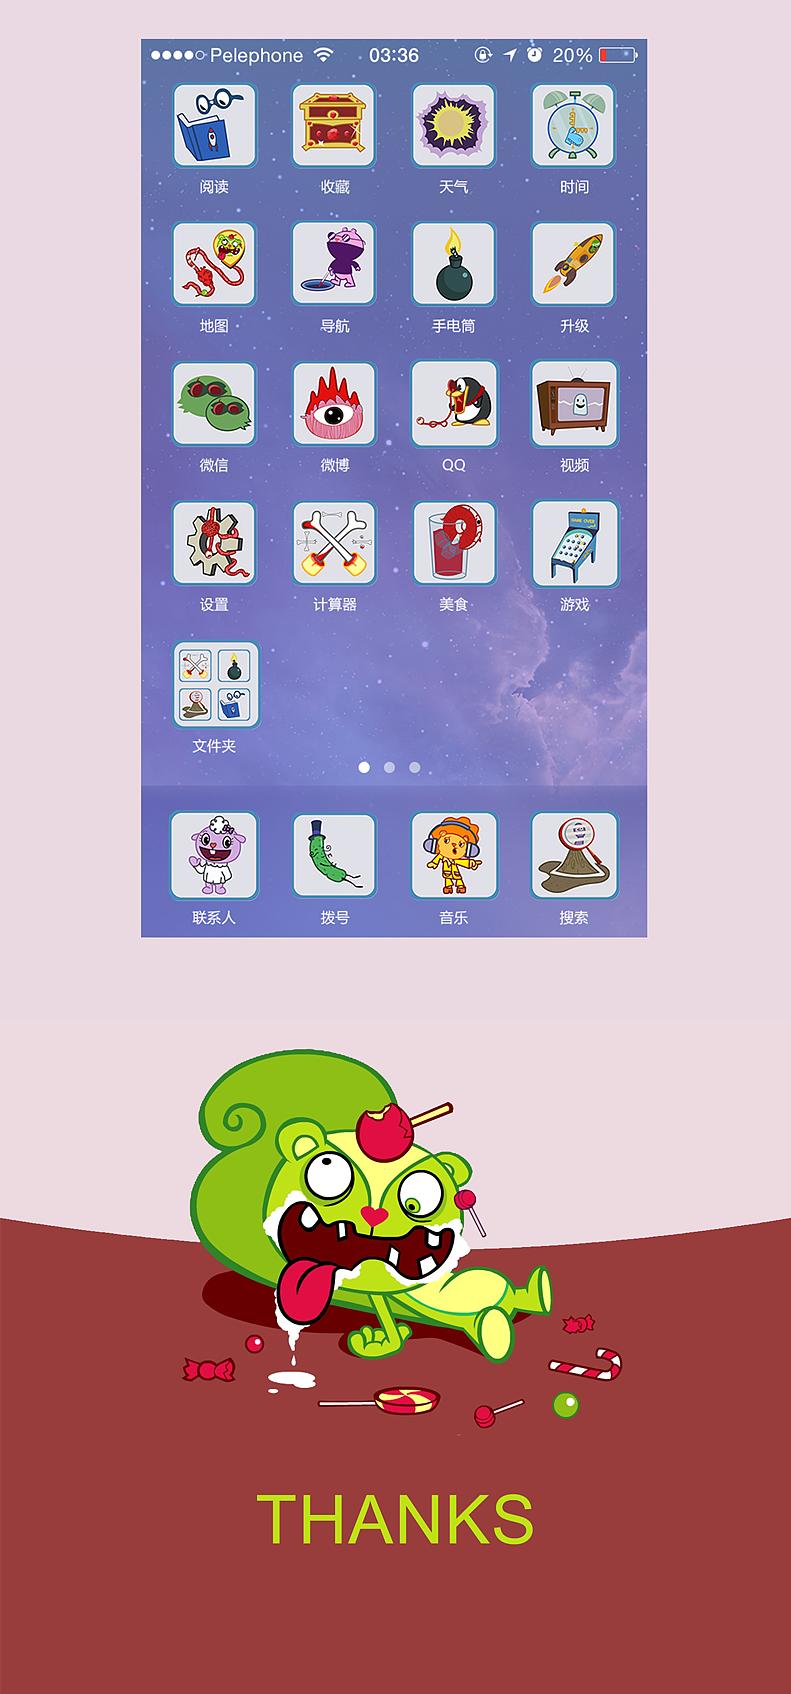 这套主题icon运用片中,小动物们的清新可爱与血腥场面形成会很大的